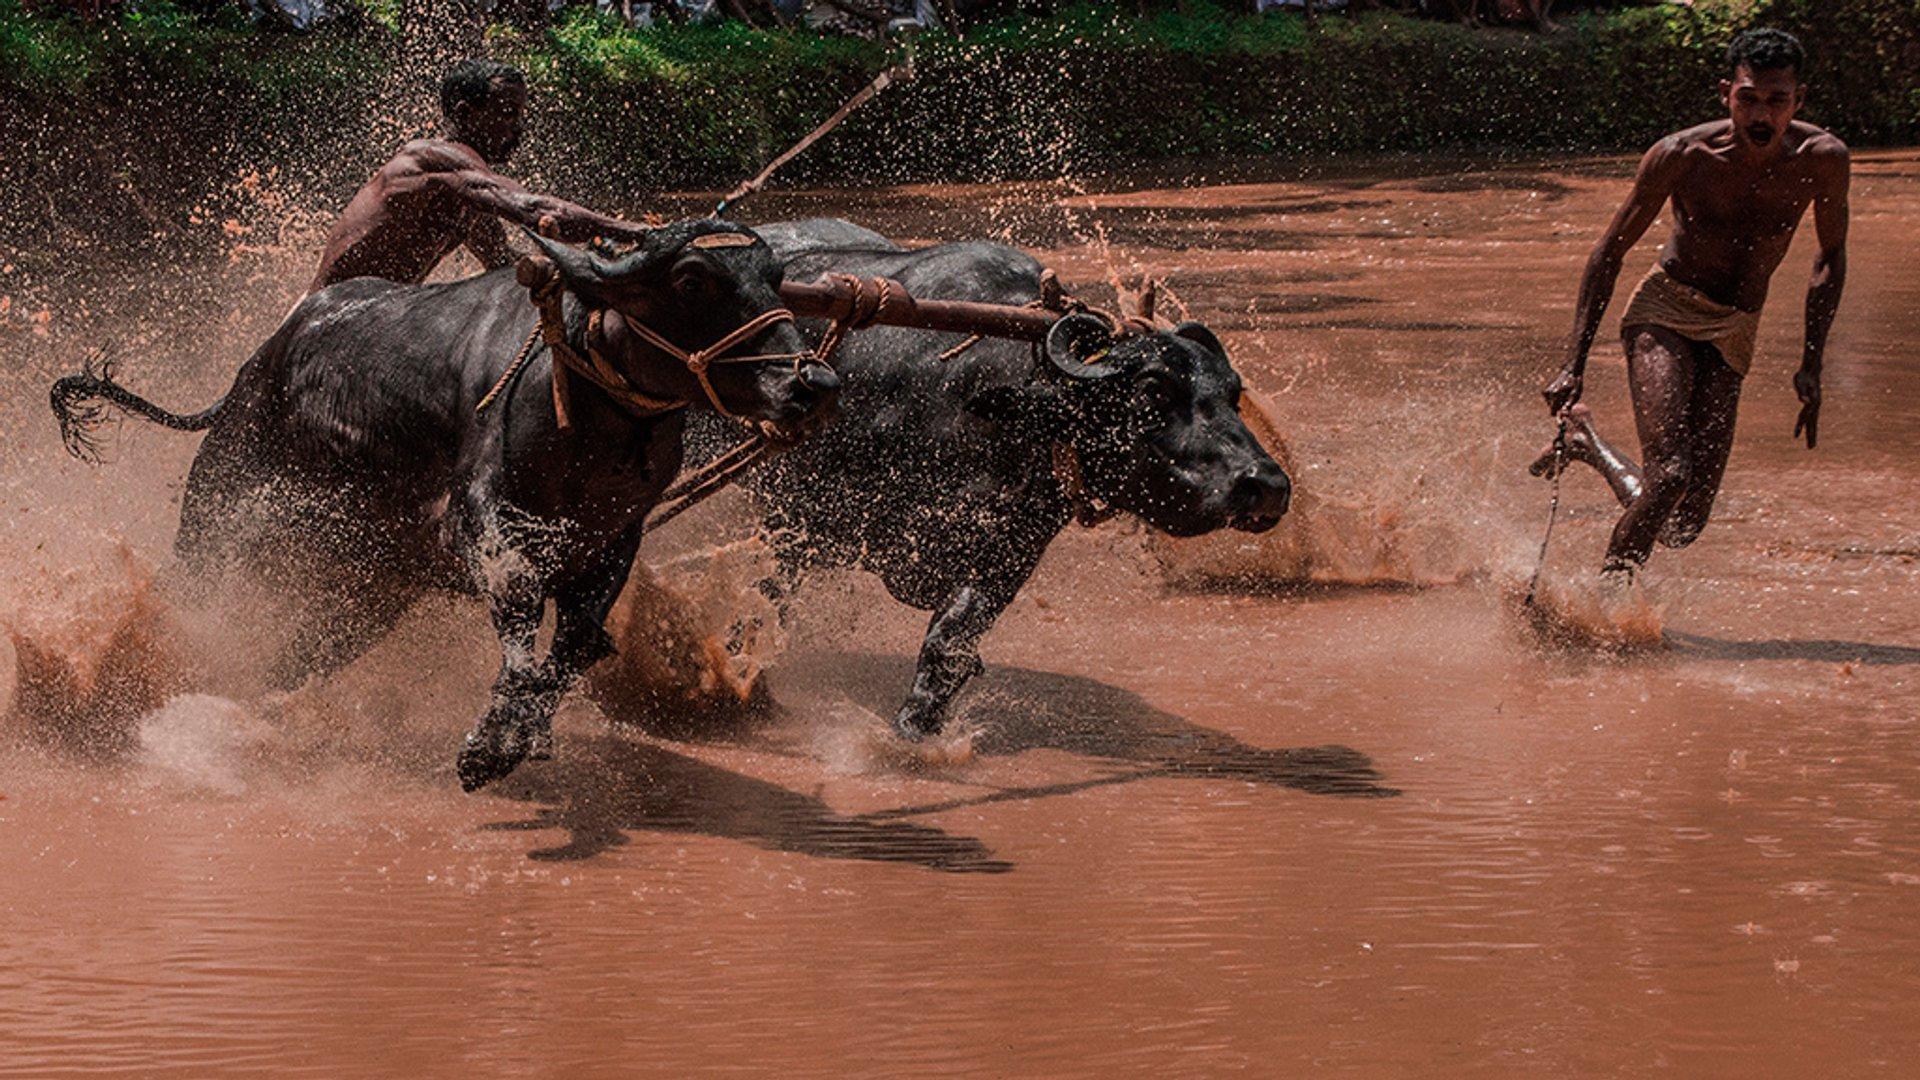 Bull Surfing in Kerala 2019 - Best Time